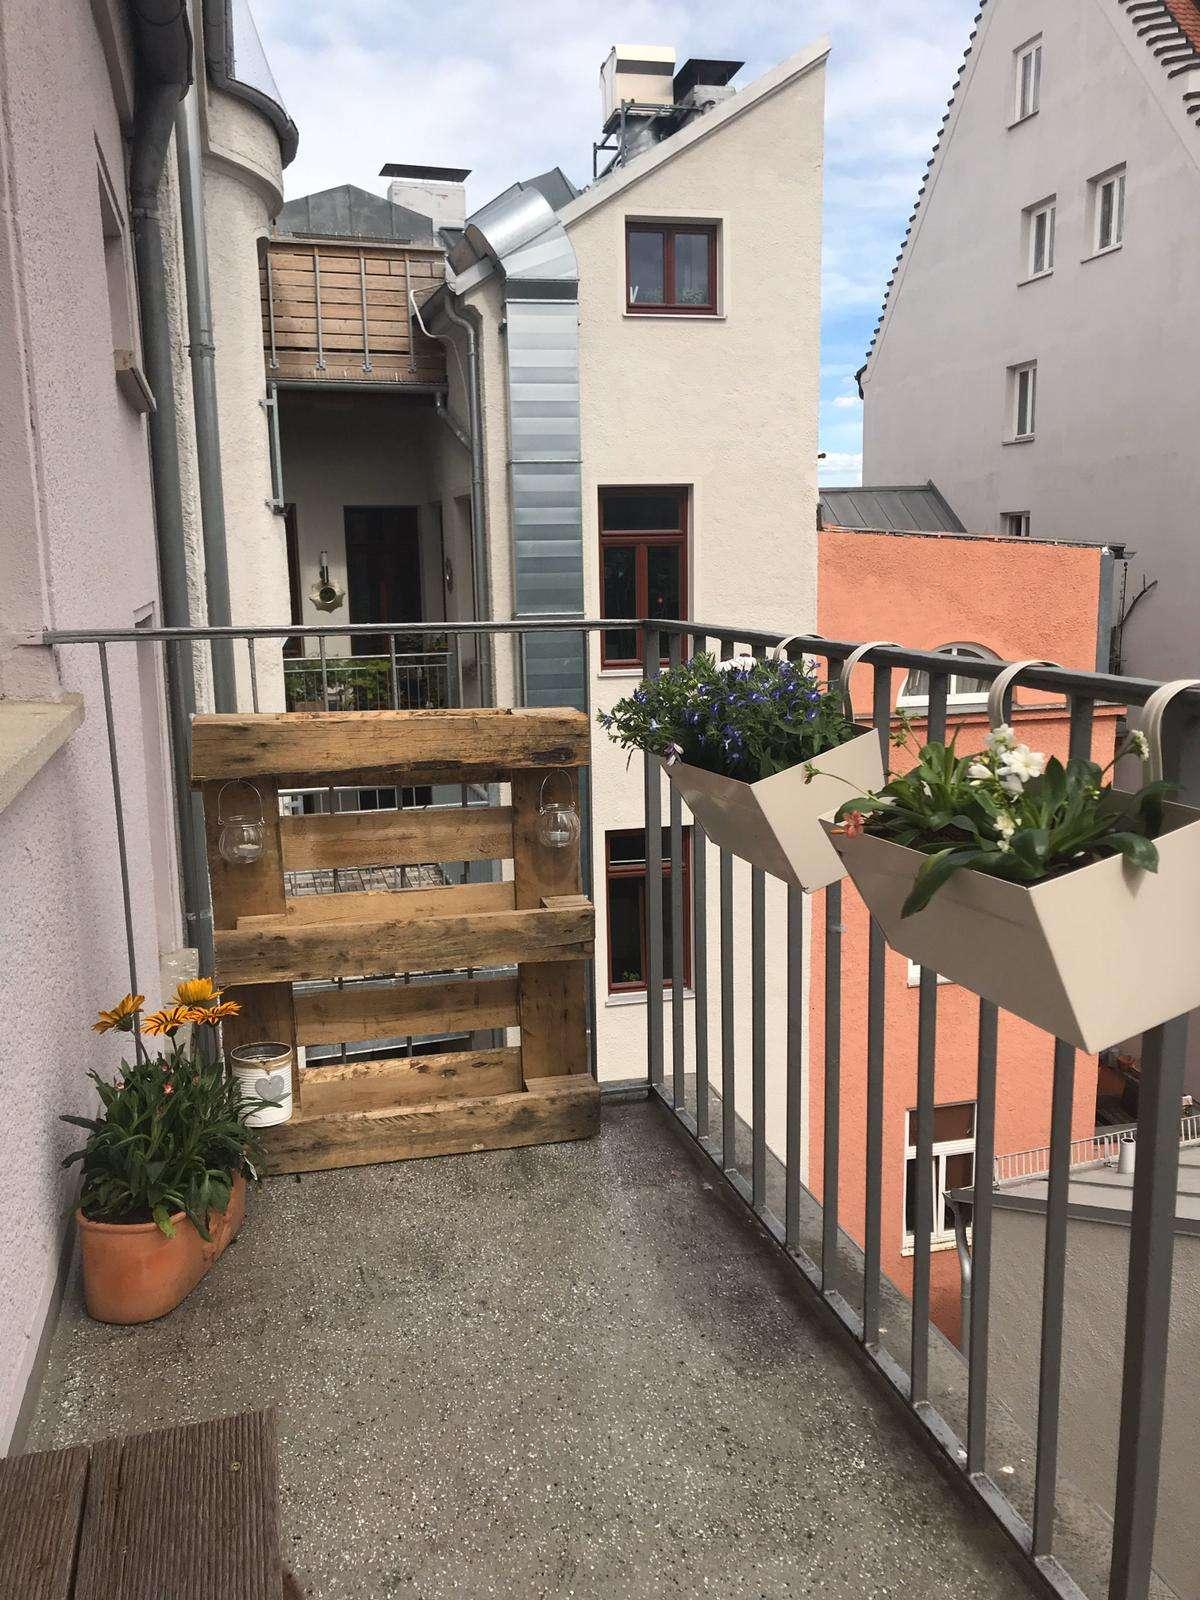 Wunderschöne 3-Zimmerwohnung mit Balkon und EBK in Augsburg in Augsburg-Innenstadt